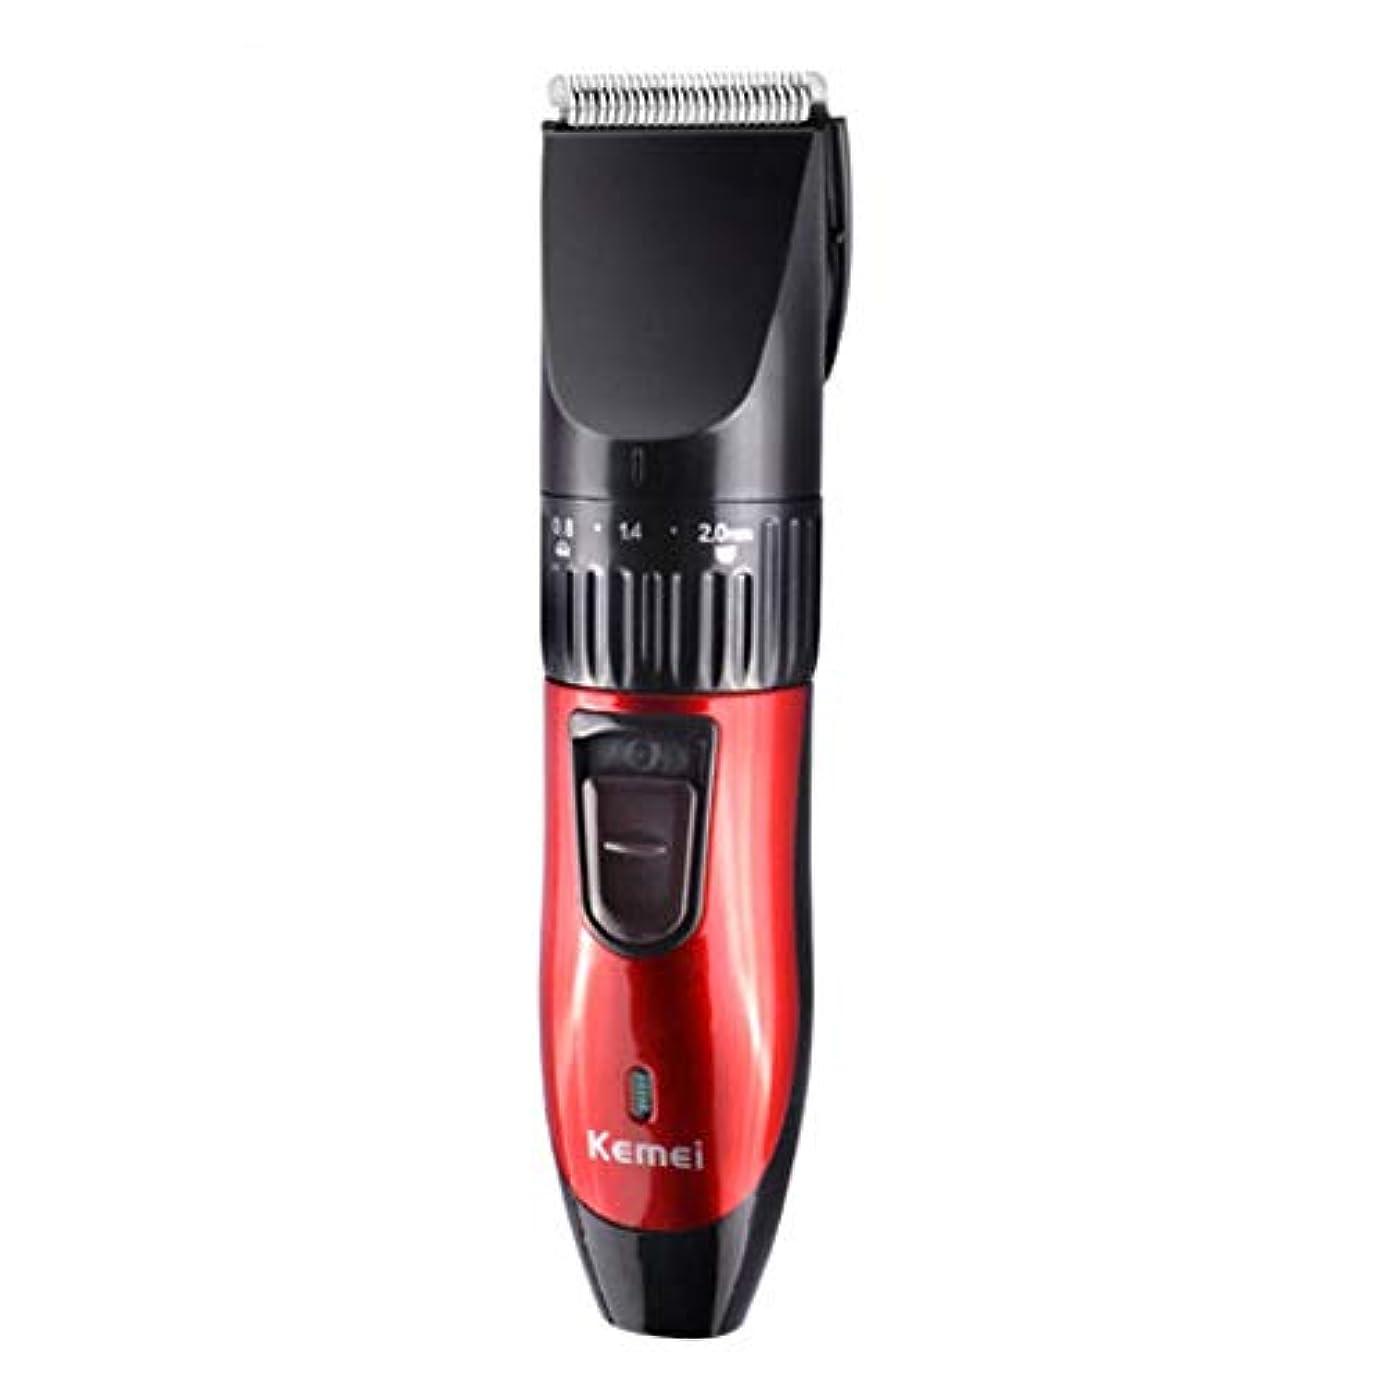 タブレット学生日食QINJLI 家庭用髪クリッパー充電式乾燥電気デュアル使用インジケーター光制限くし 16 * 4 cm